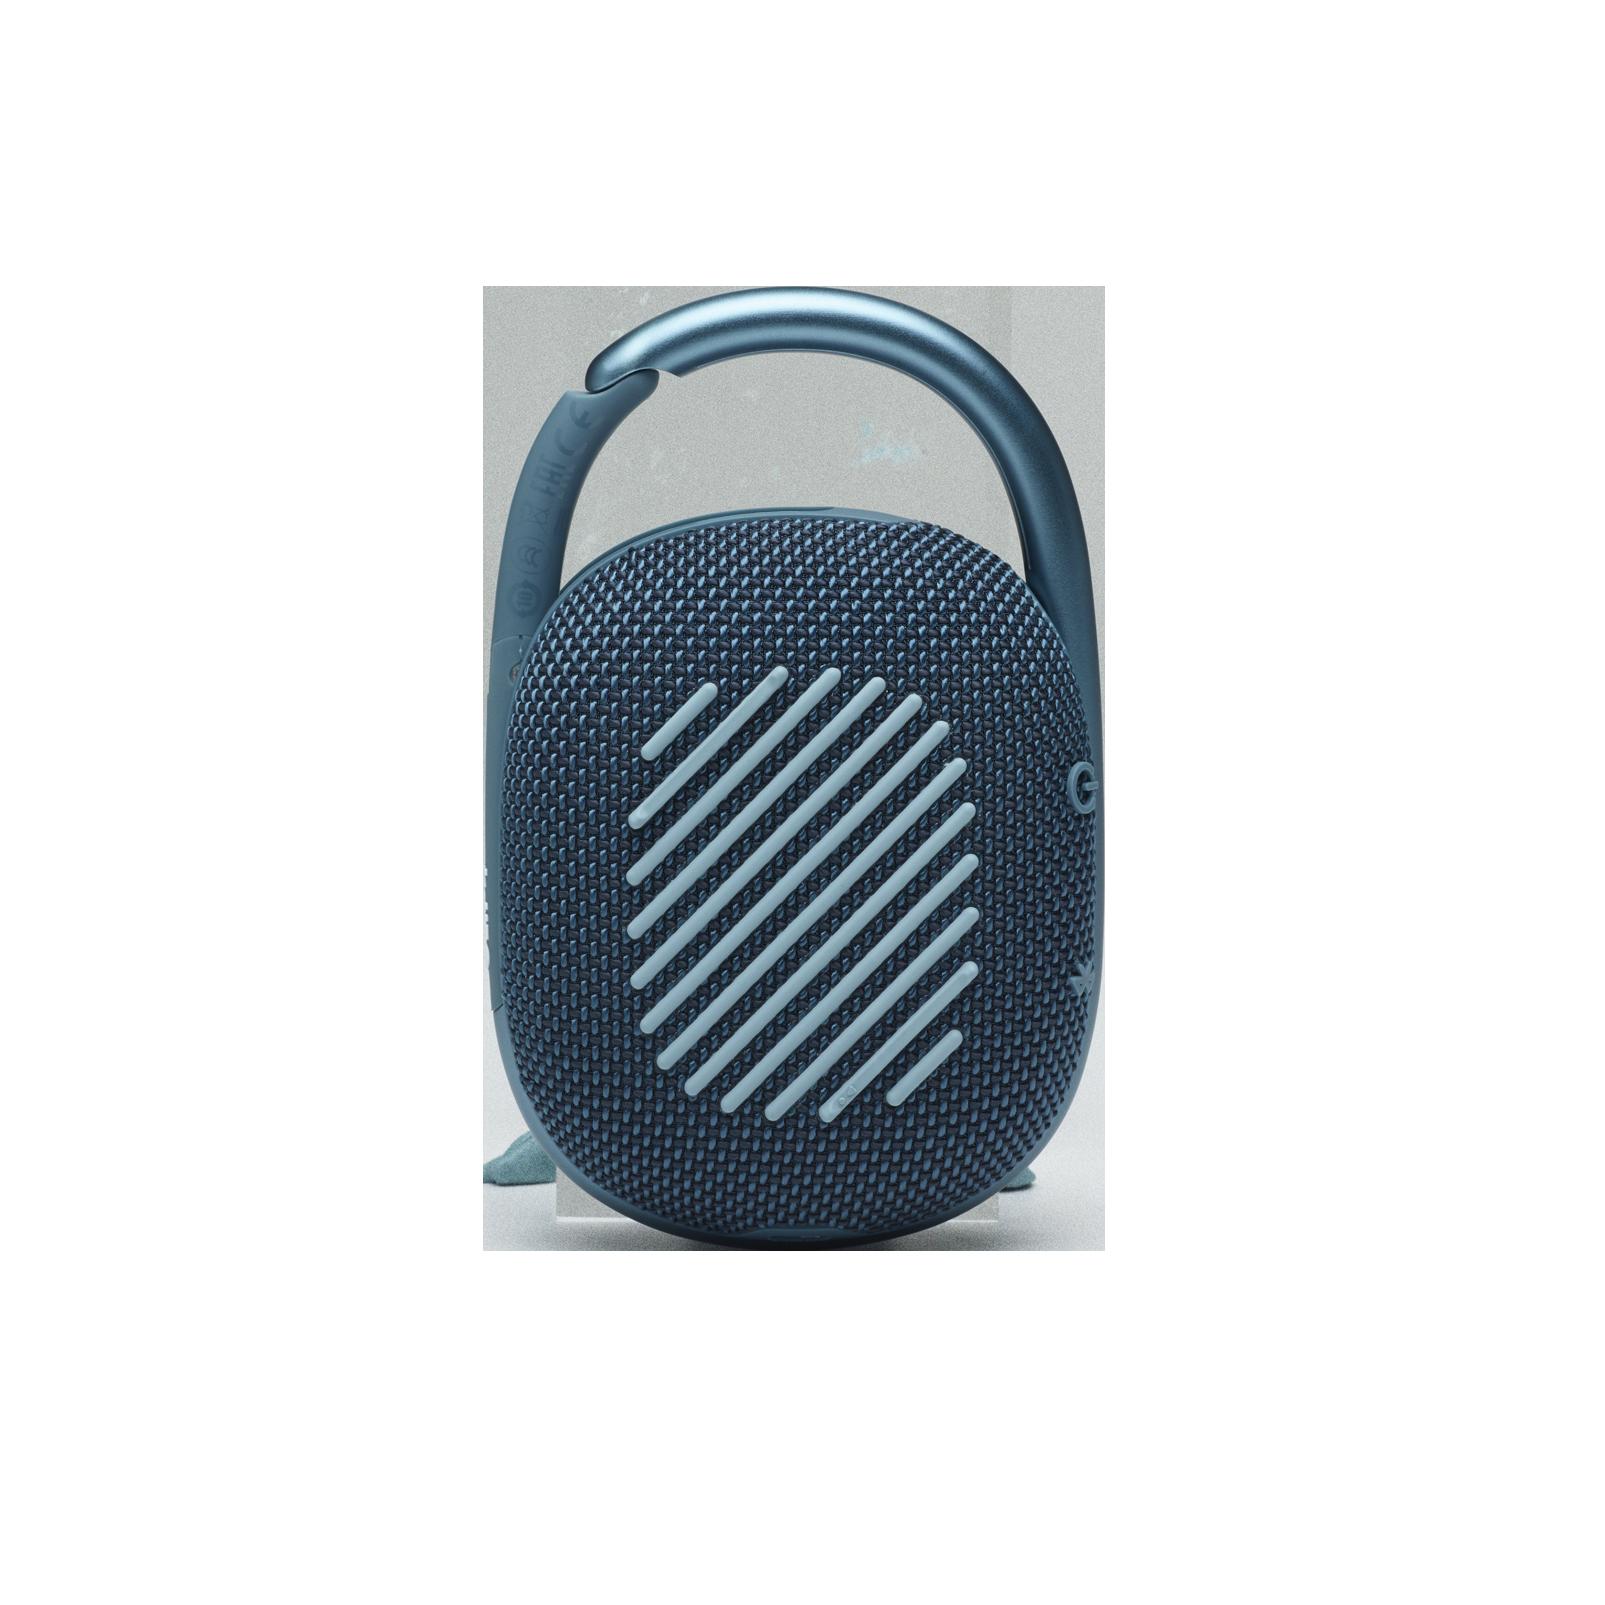 JBL CLIP 4 - Blue - Ultra-portable Waterproof Speaker - Back